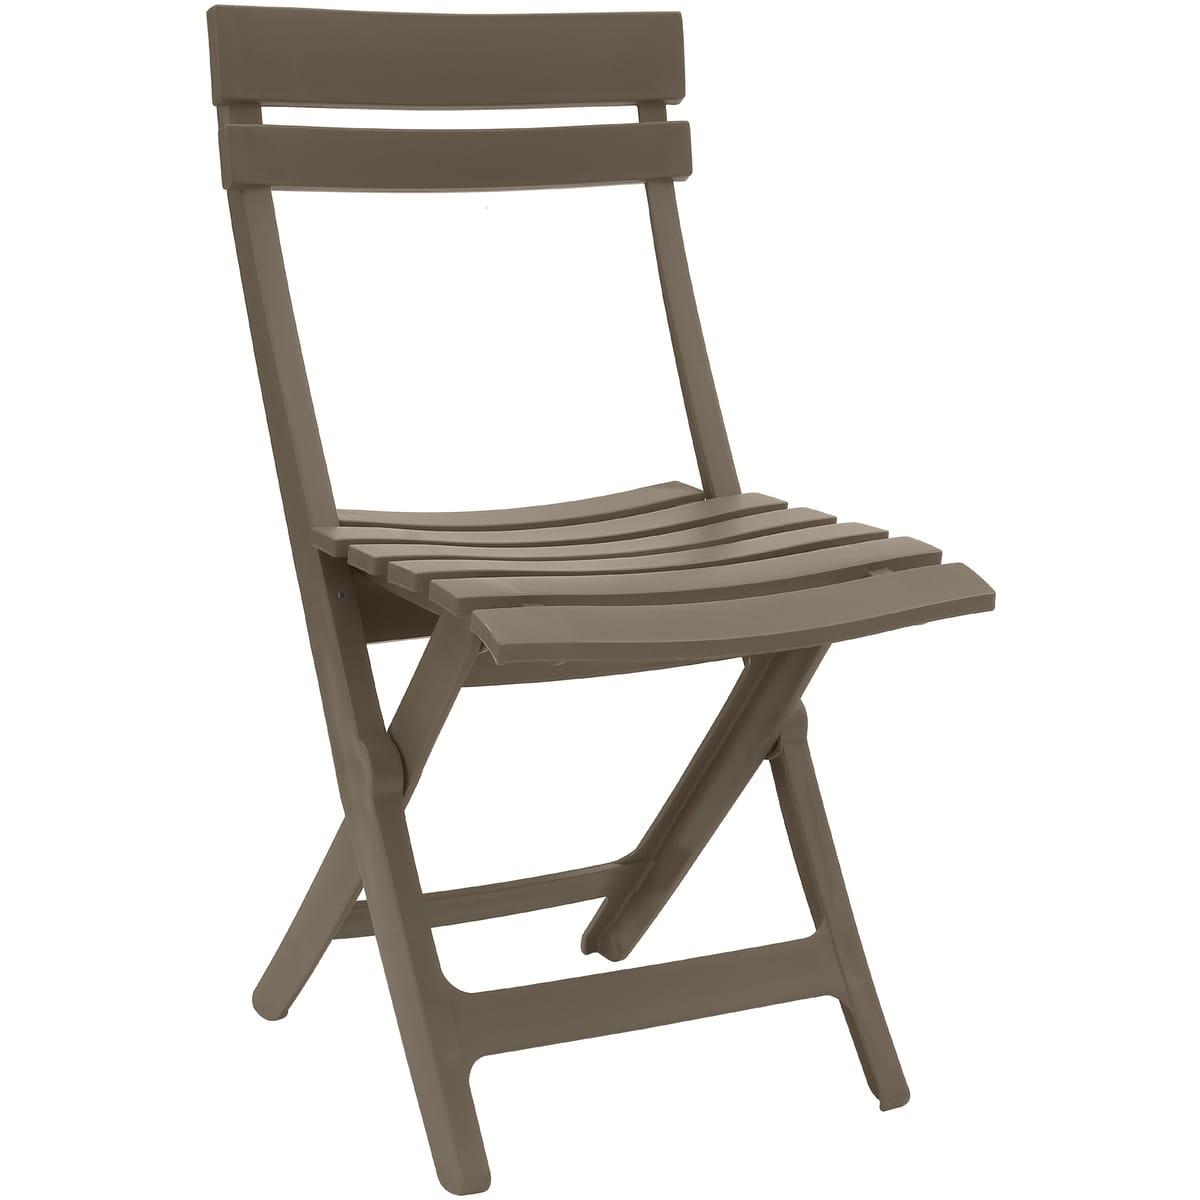 Grosfillex Chaise De Jardin Pliante Résine Miami Taupe tout Chaise De Jardin Auchan